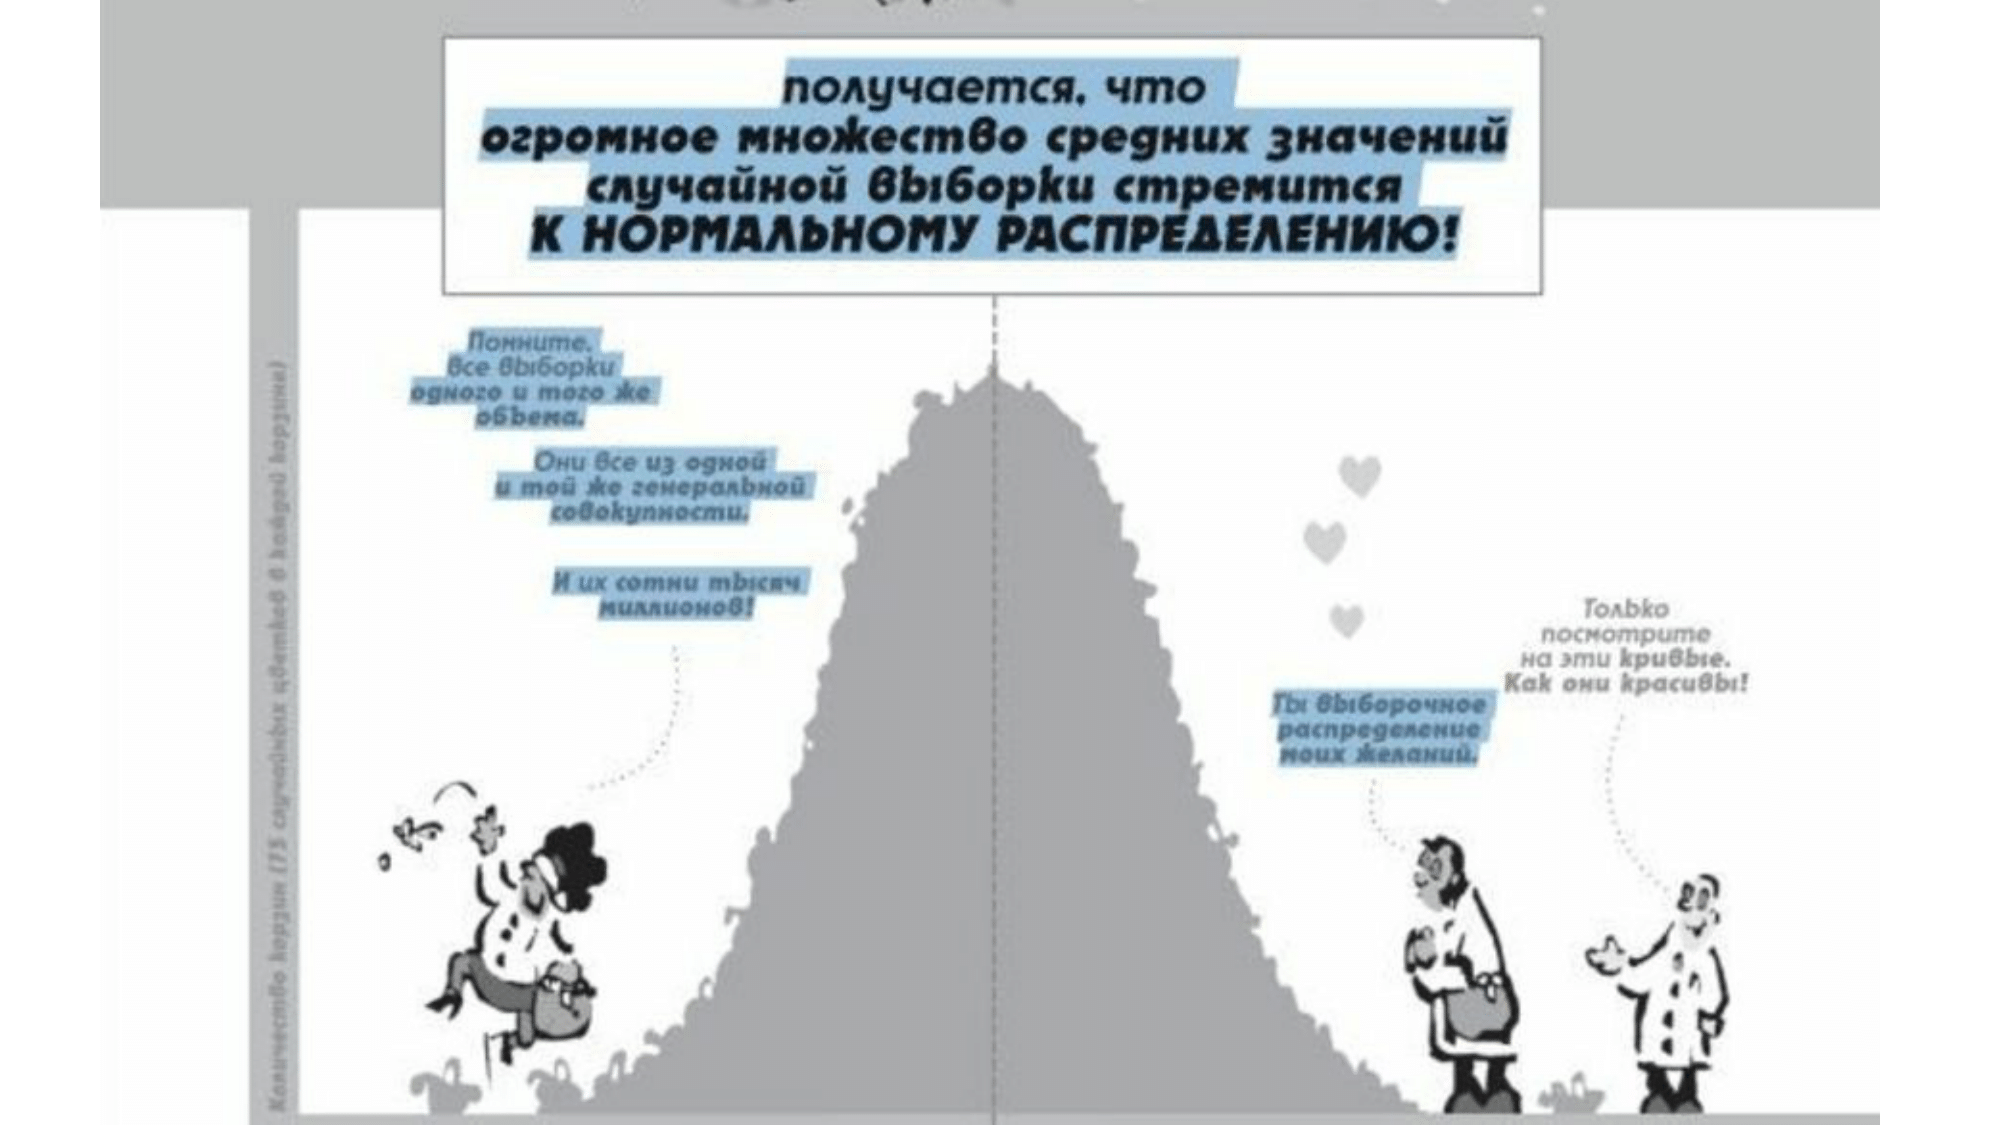 Как эмпирическое правило «победитель получает все» работает и не работает в разработке - 8